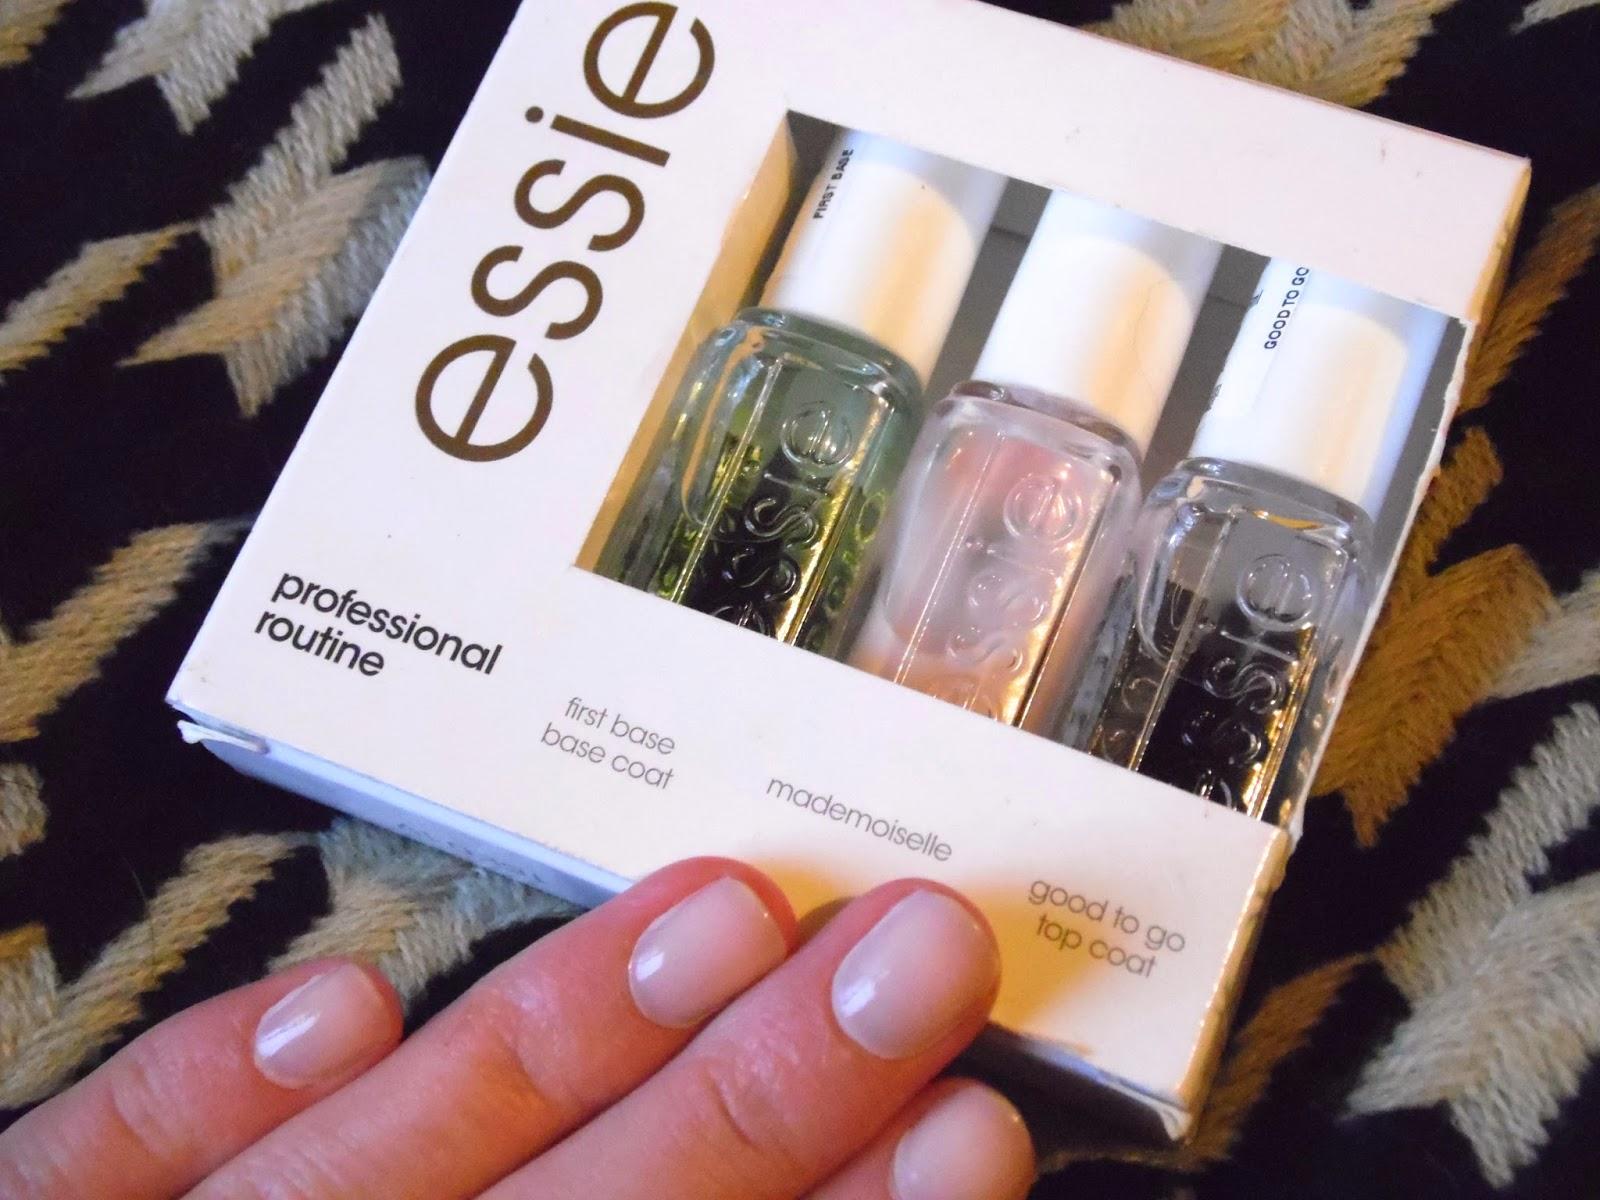 Essie Professional Routine Mini Kit - Flemingo